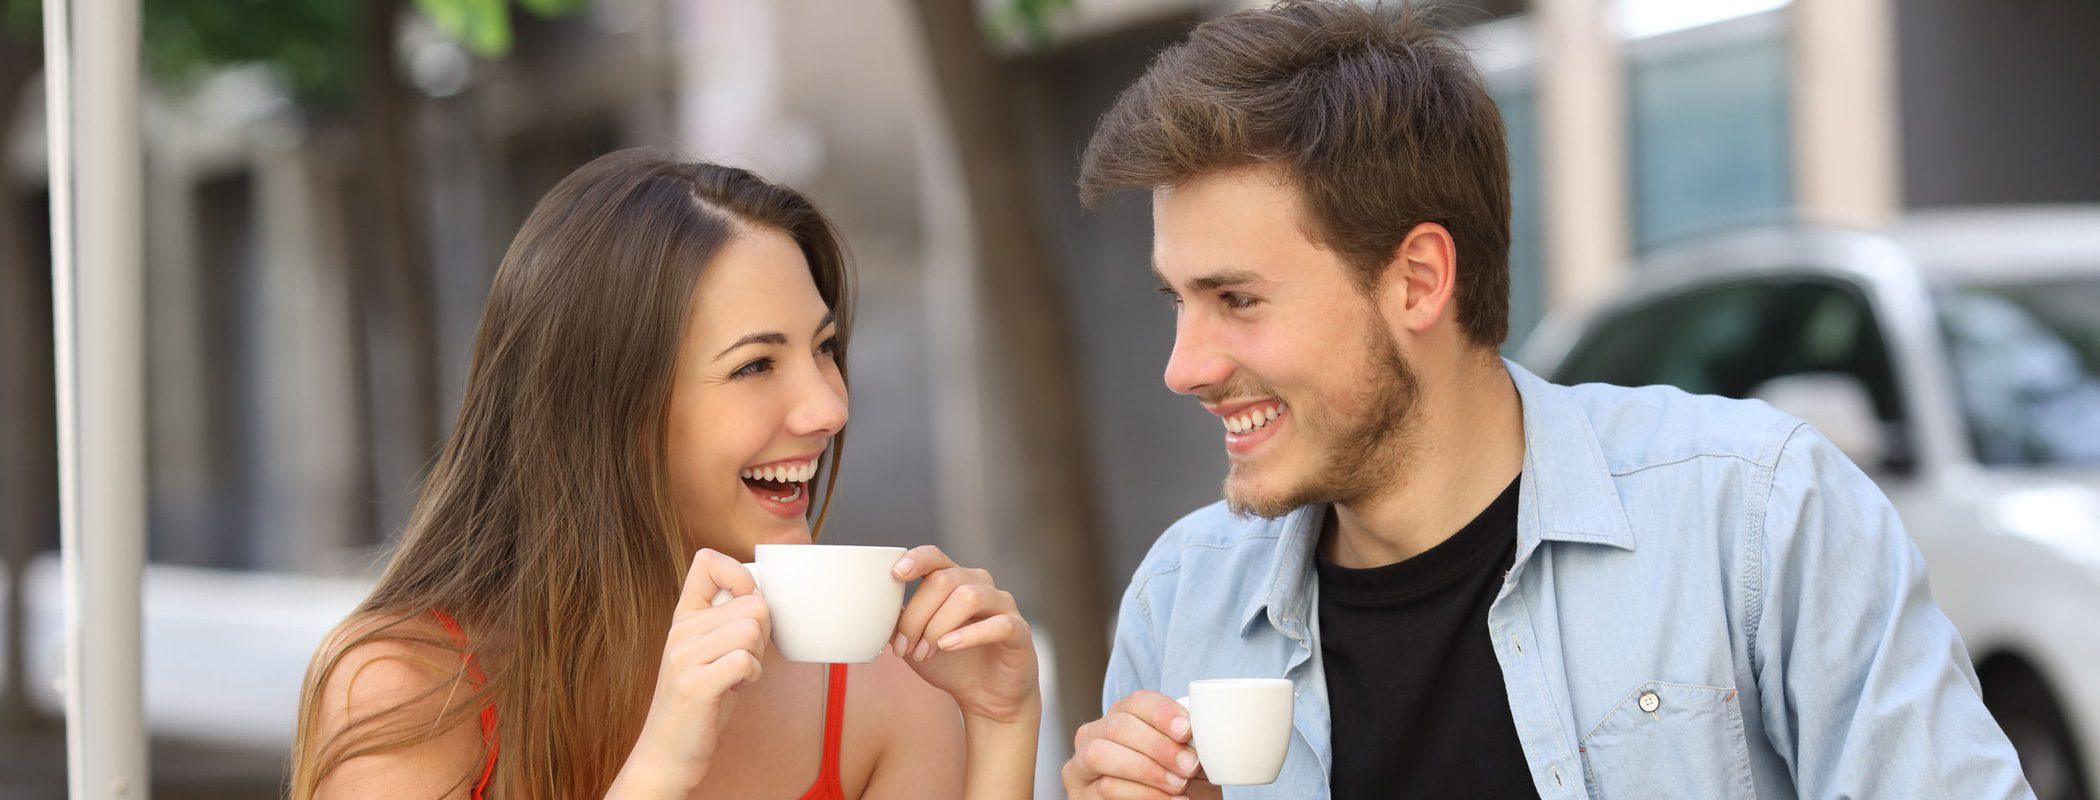 5 defectos tontos que le sacas a una mujer en la primera cita